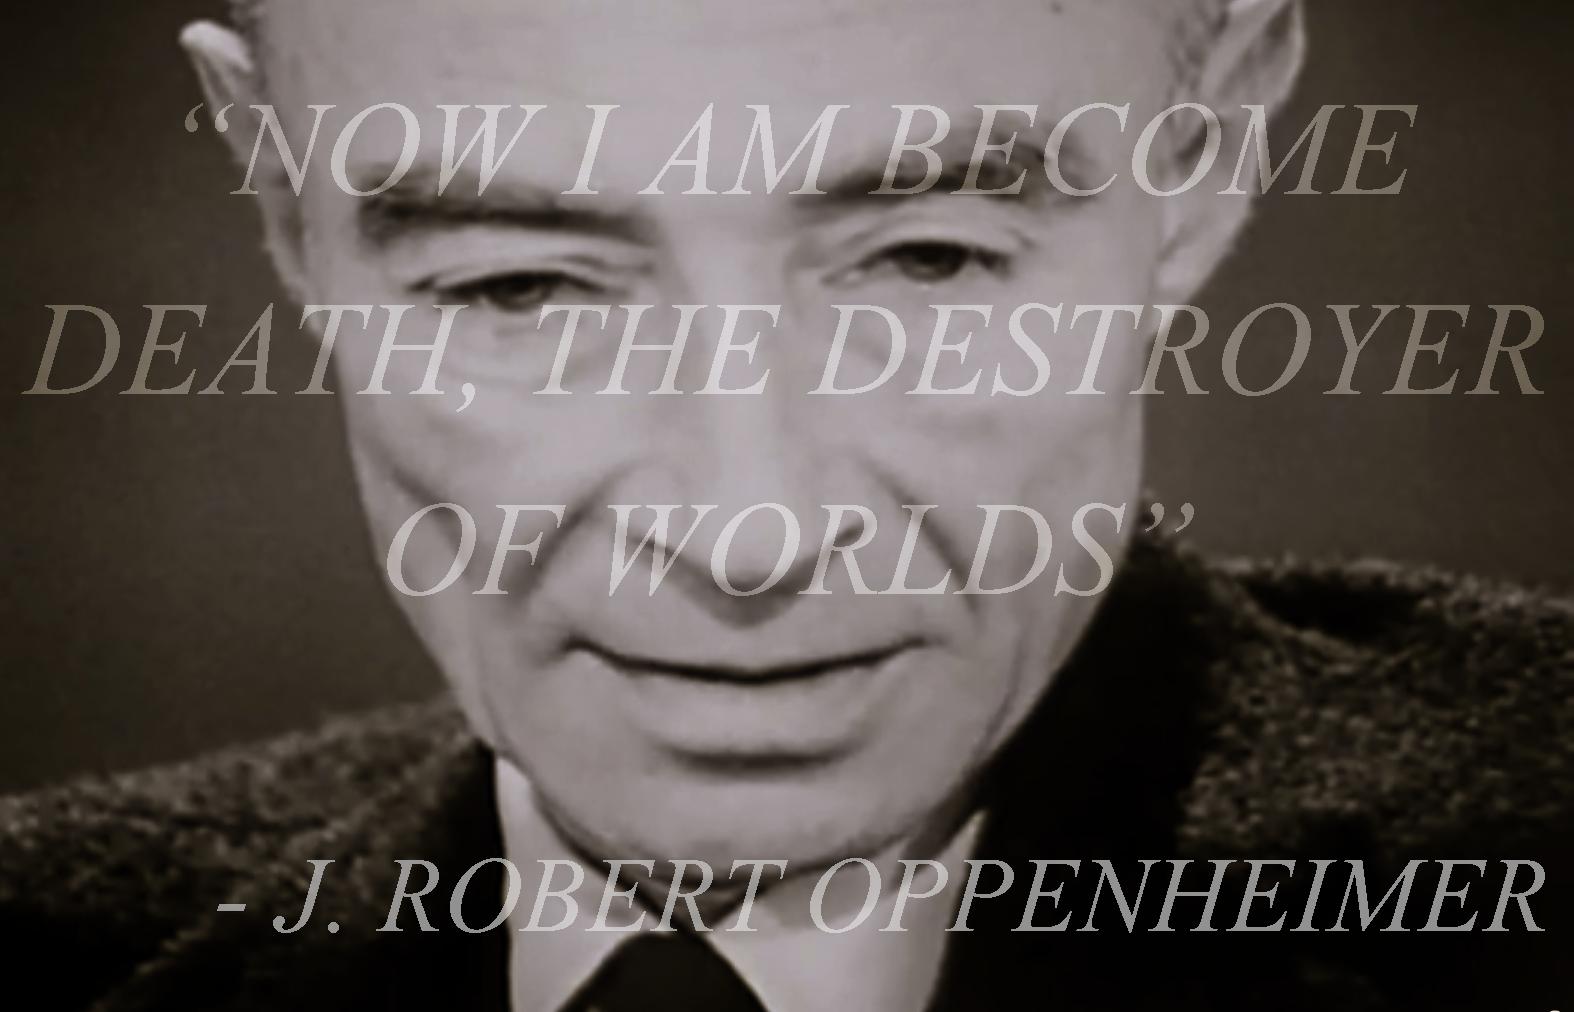 j-robert-oppenheimer